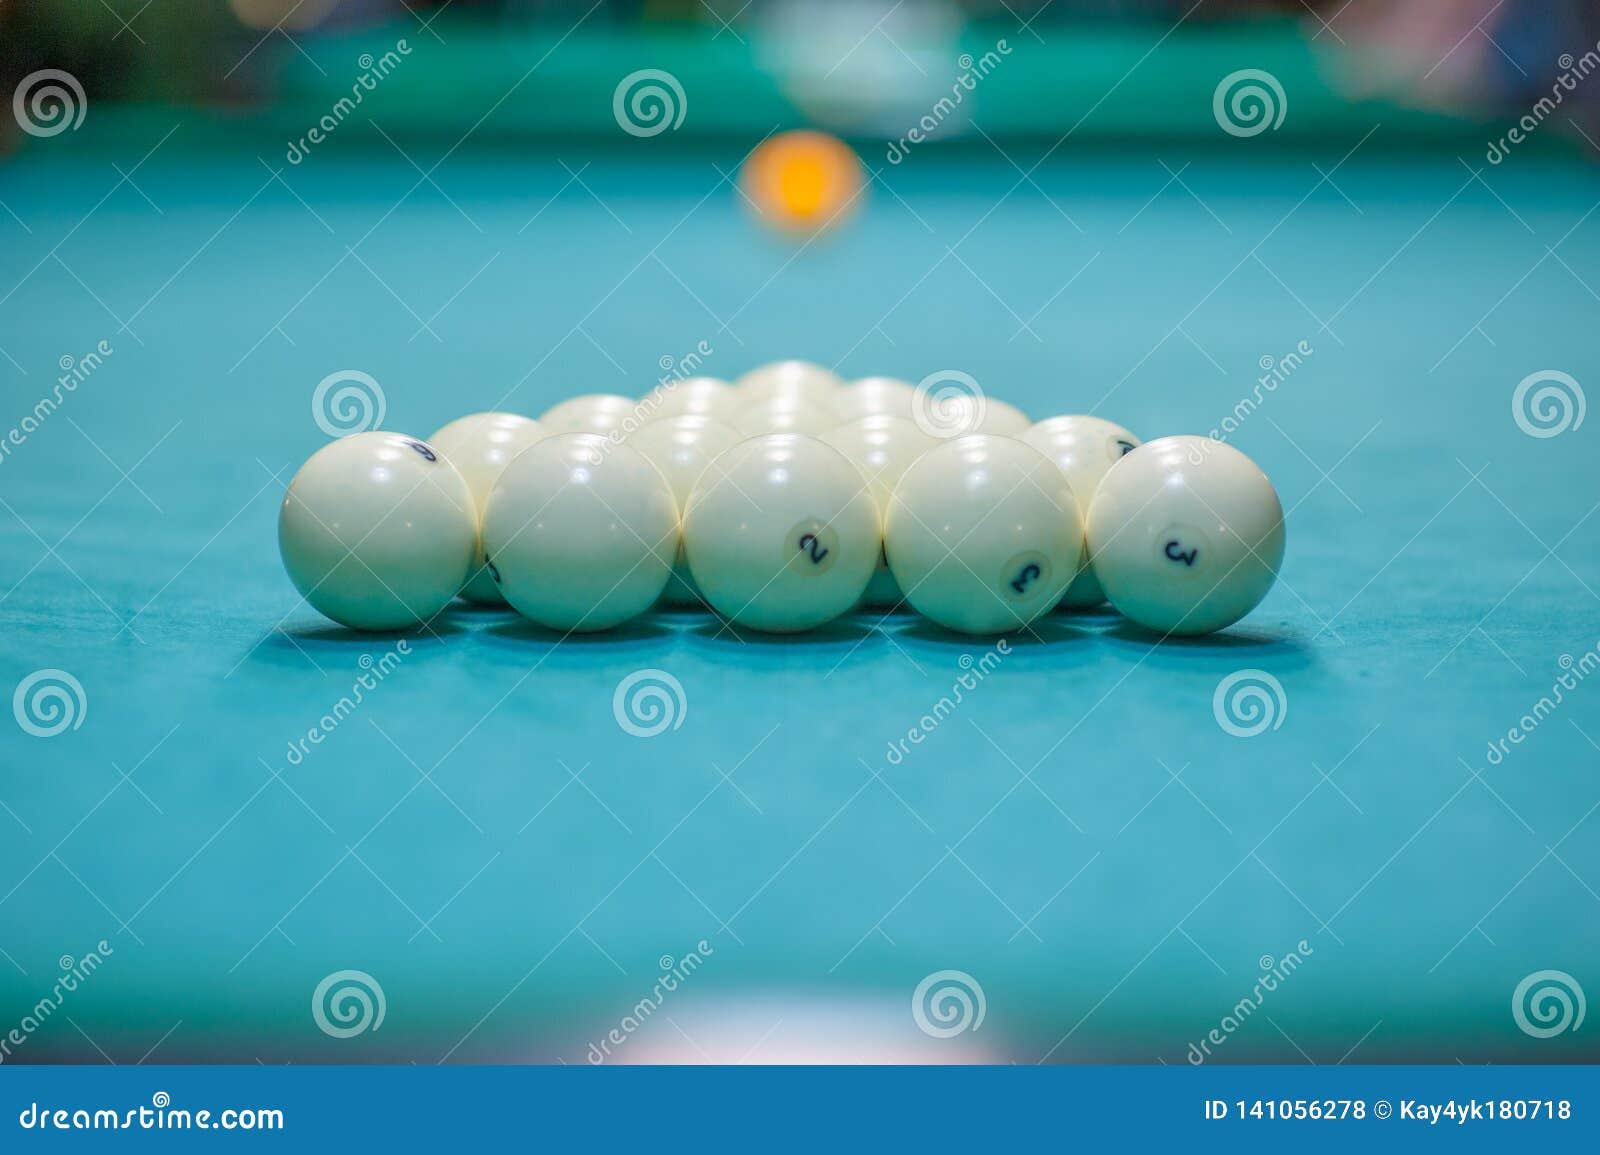 Plaatsing van ballen op een biljartlijst, voorbereiding voor een staking Biljartclub